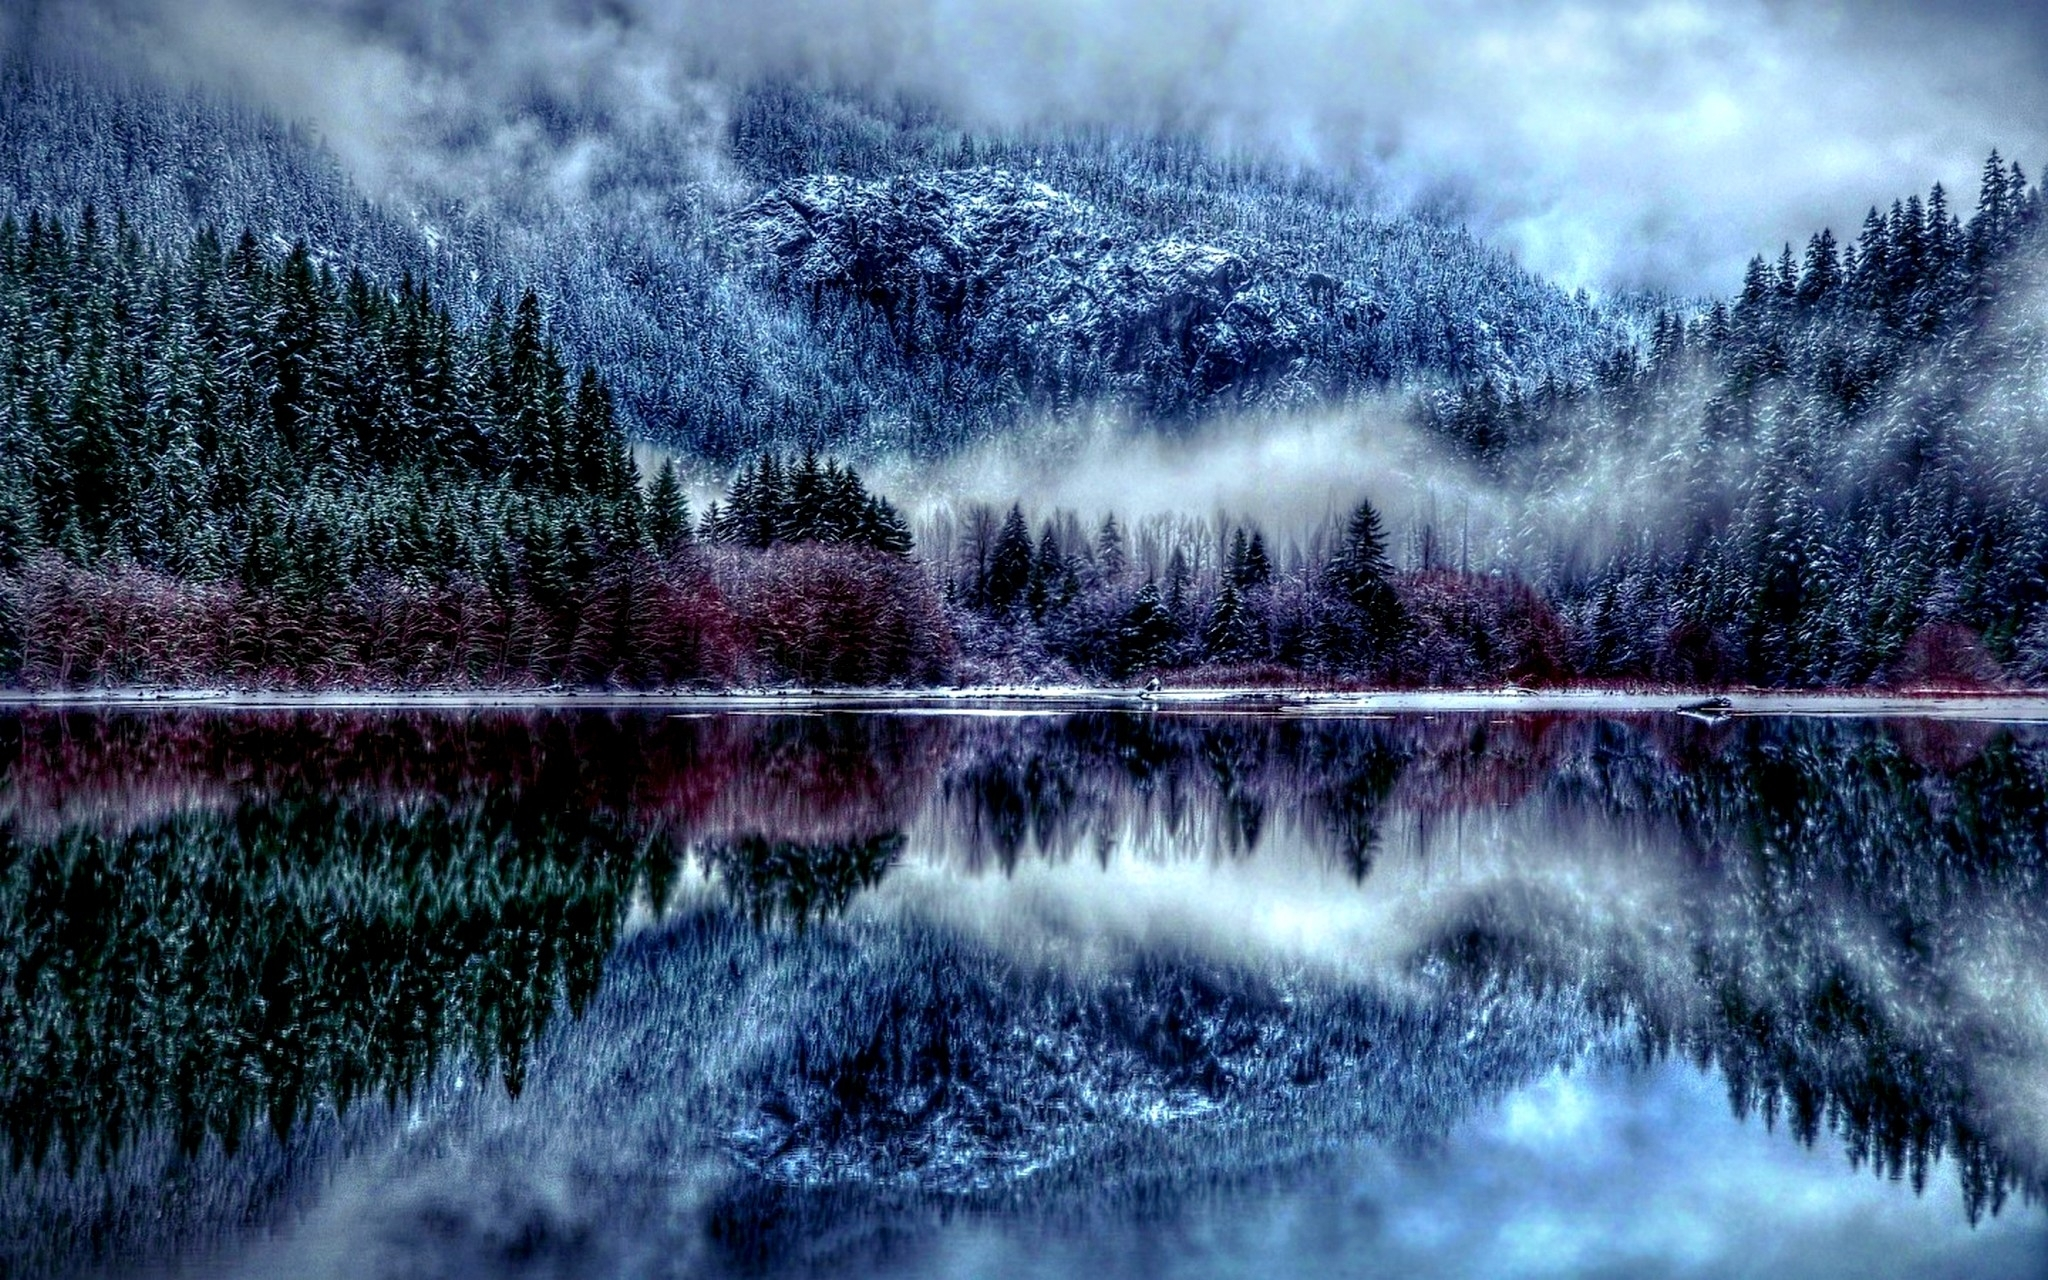 winter forest hd wallpaper - winter season desktop hd wallpapers